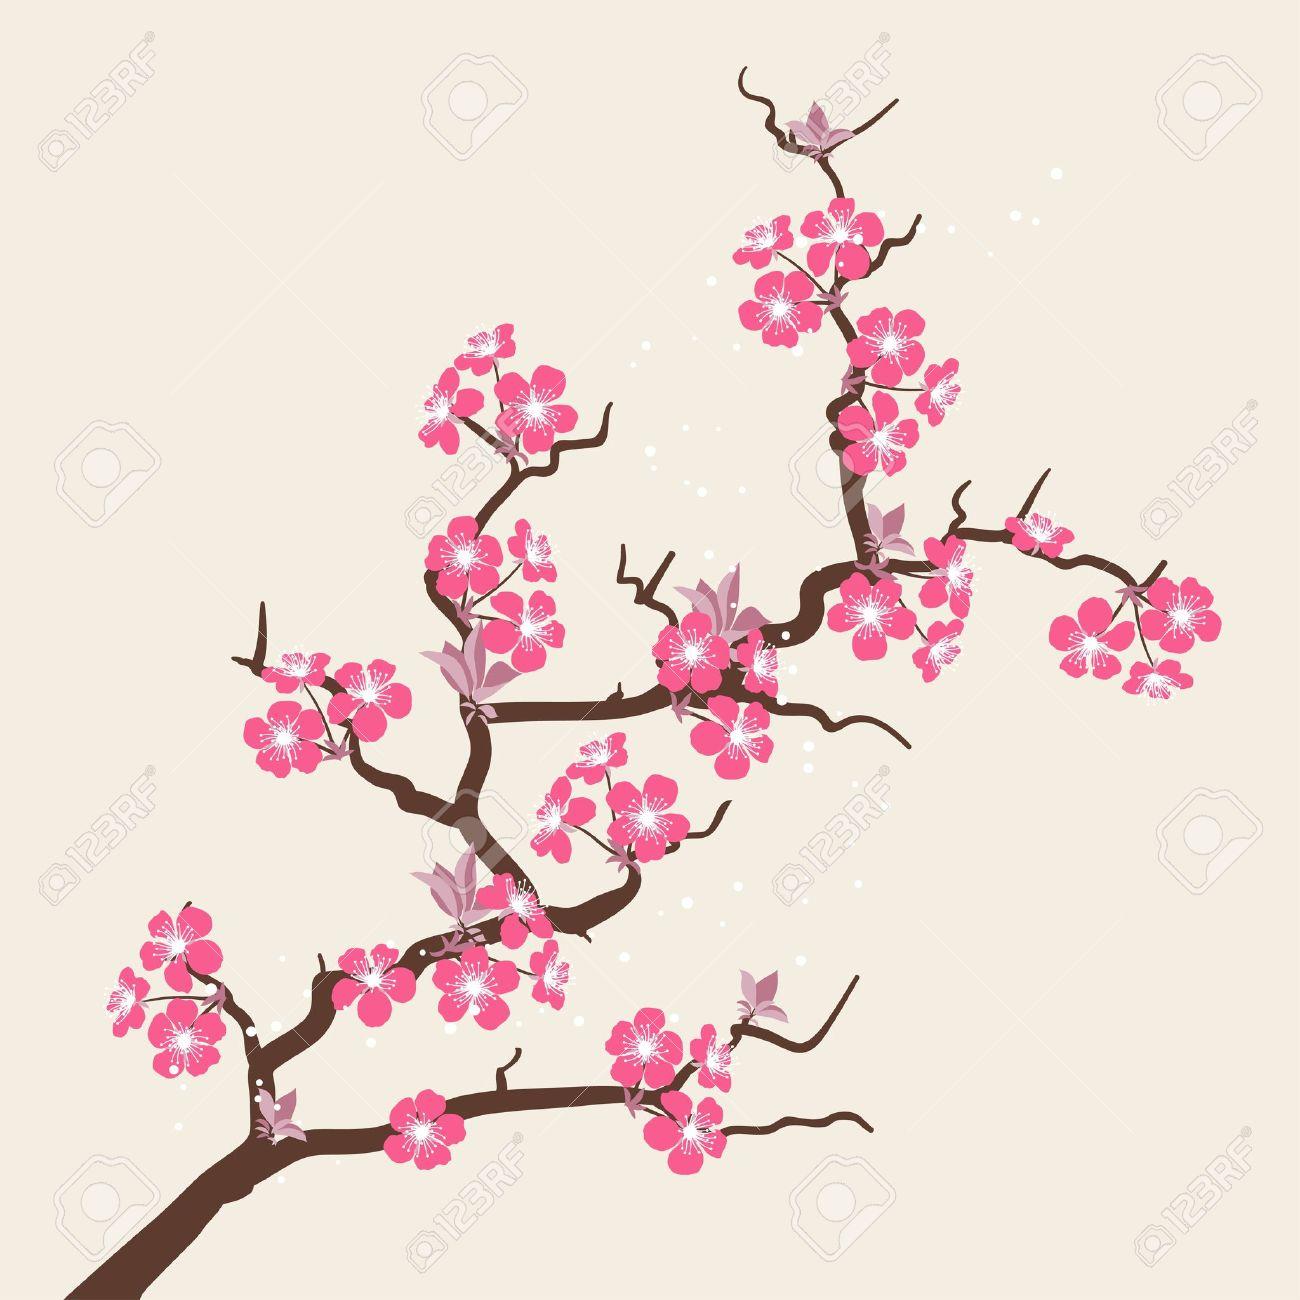 Fleurs Stylisées carte avec des fleurs stylisées de fleurs de cerisier clip art